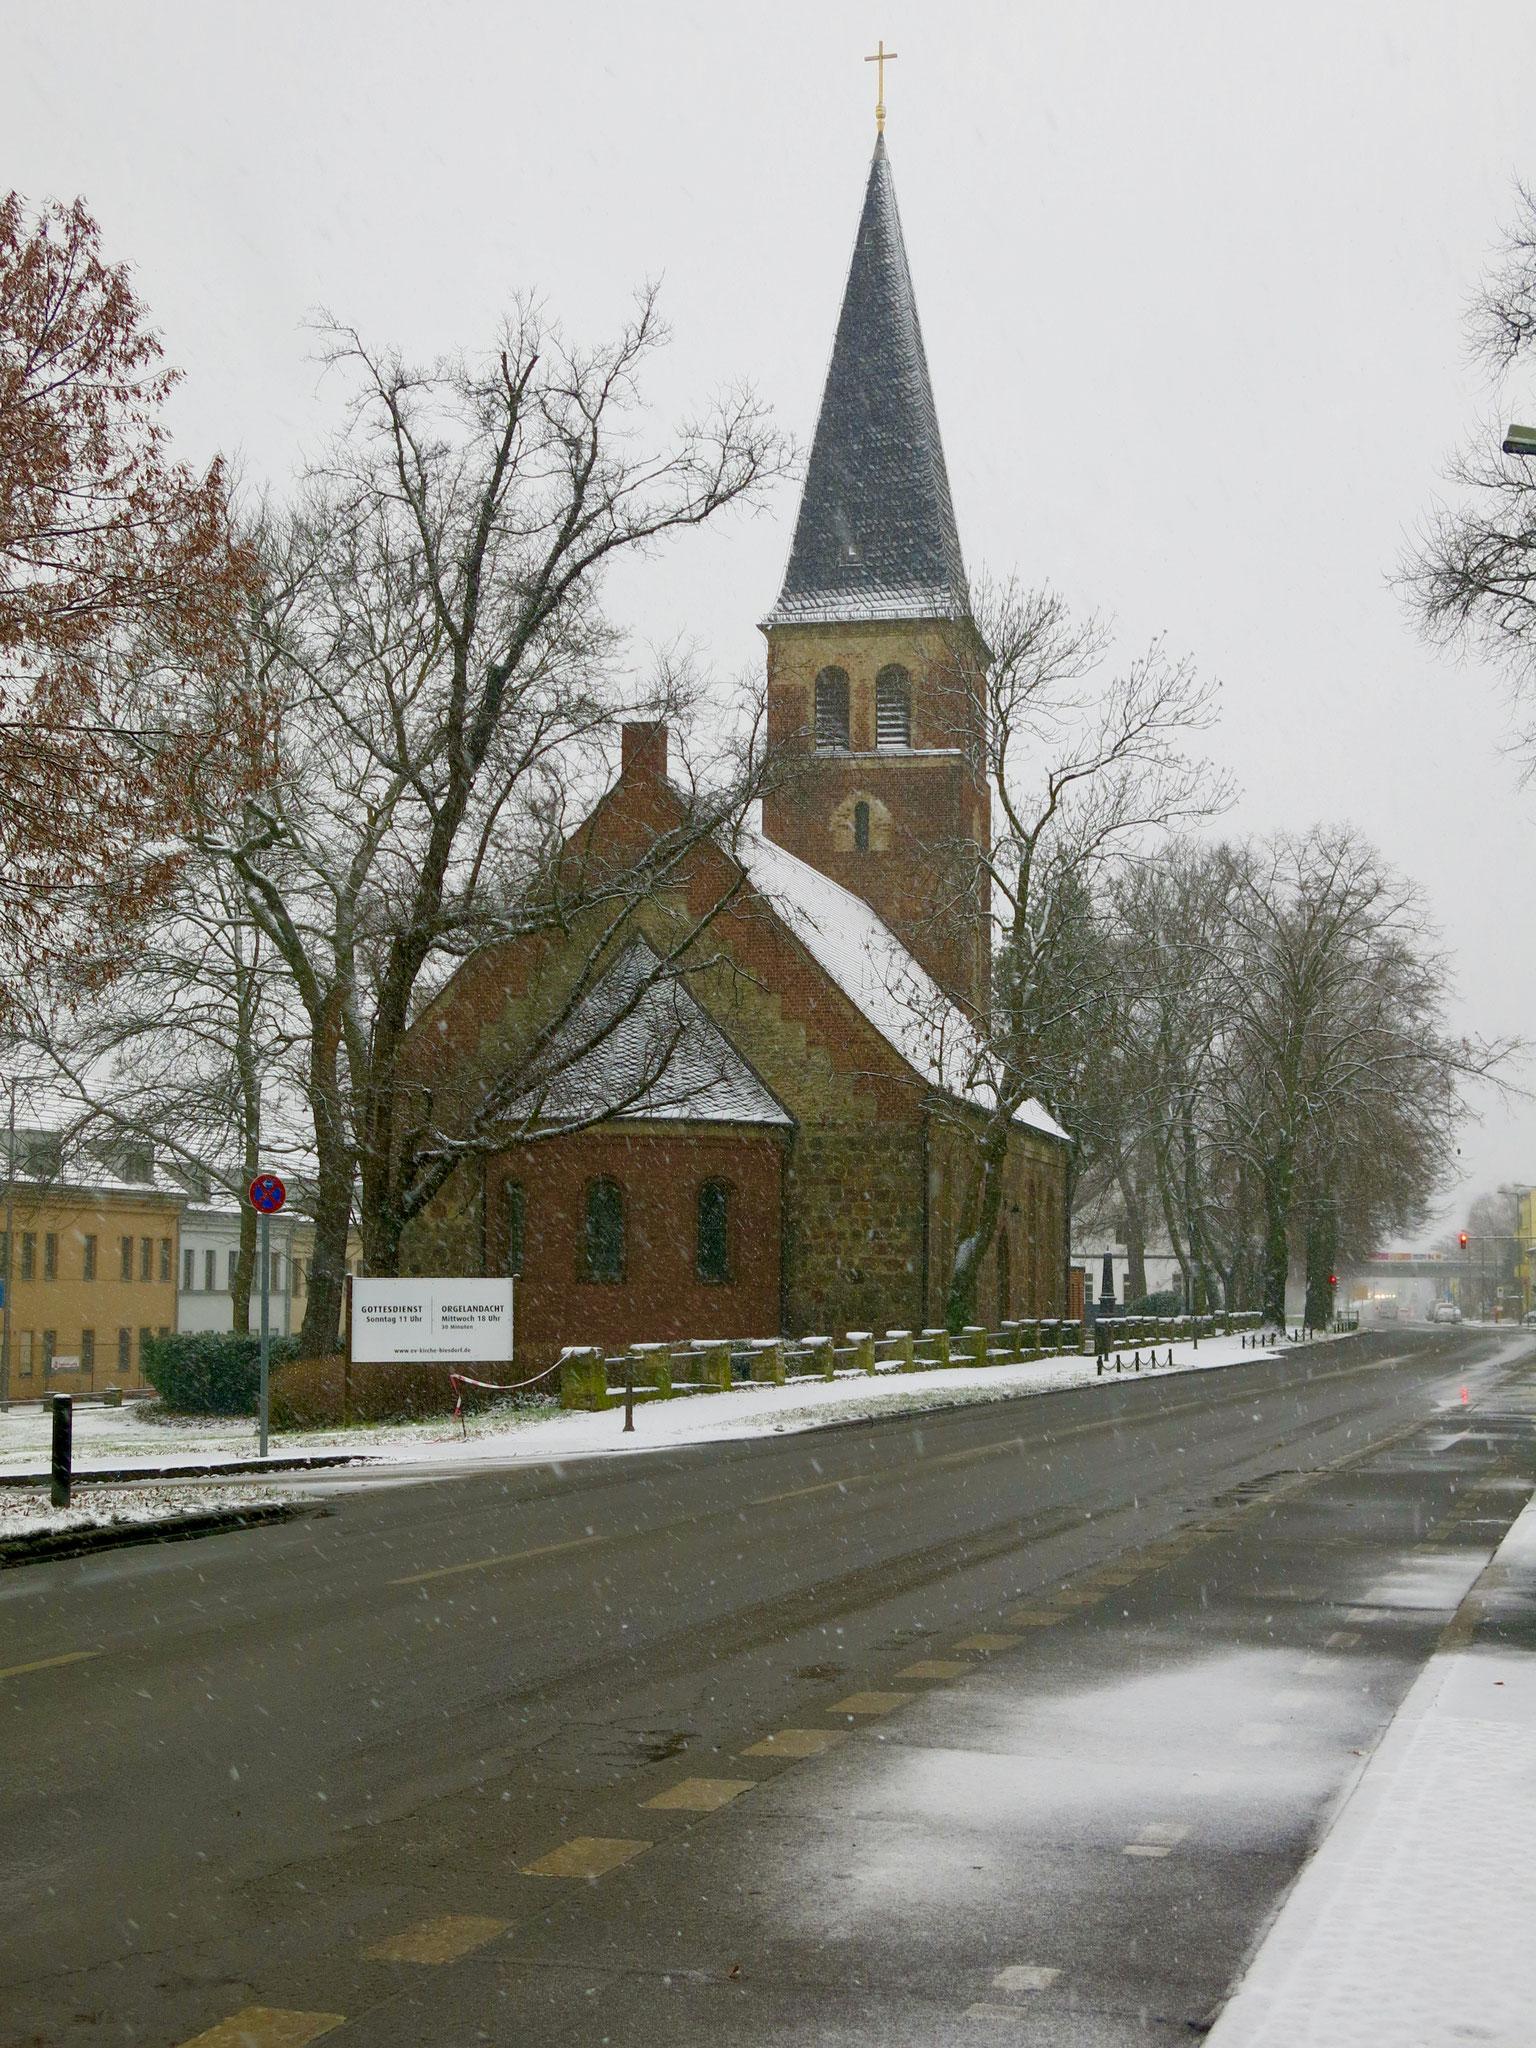 Gnadenkirche Biesdorf